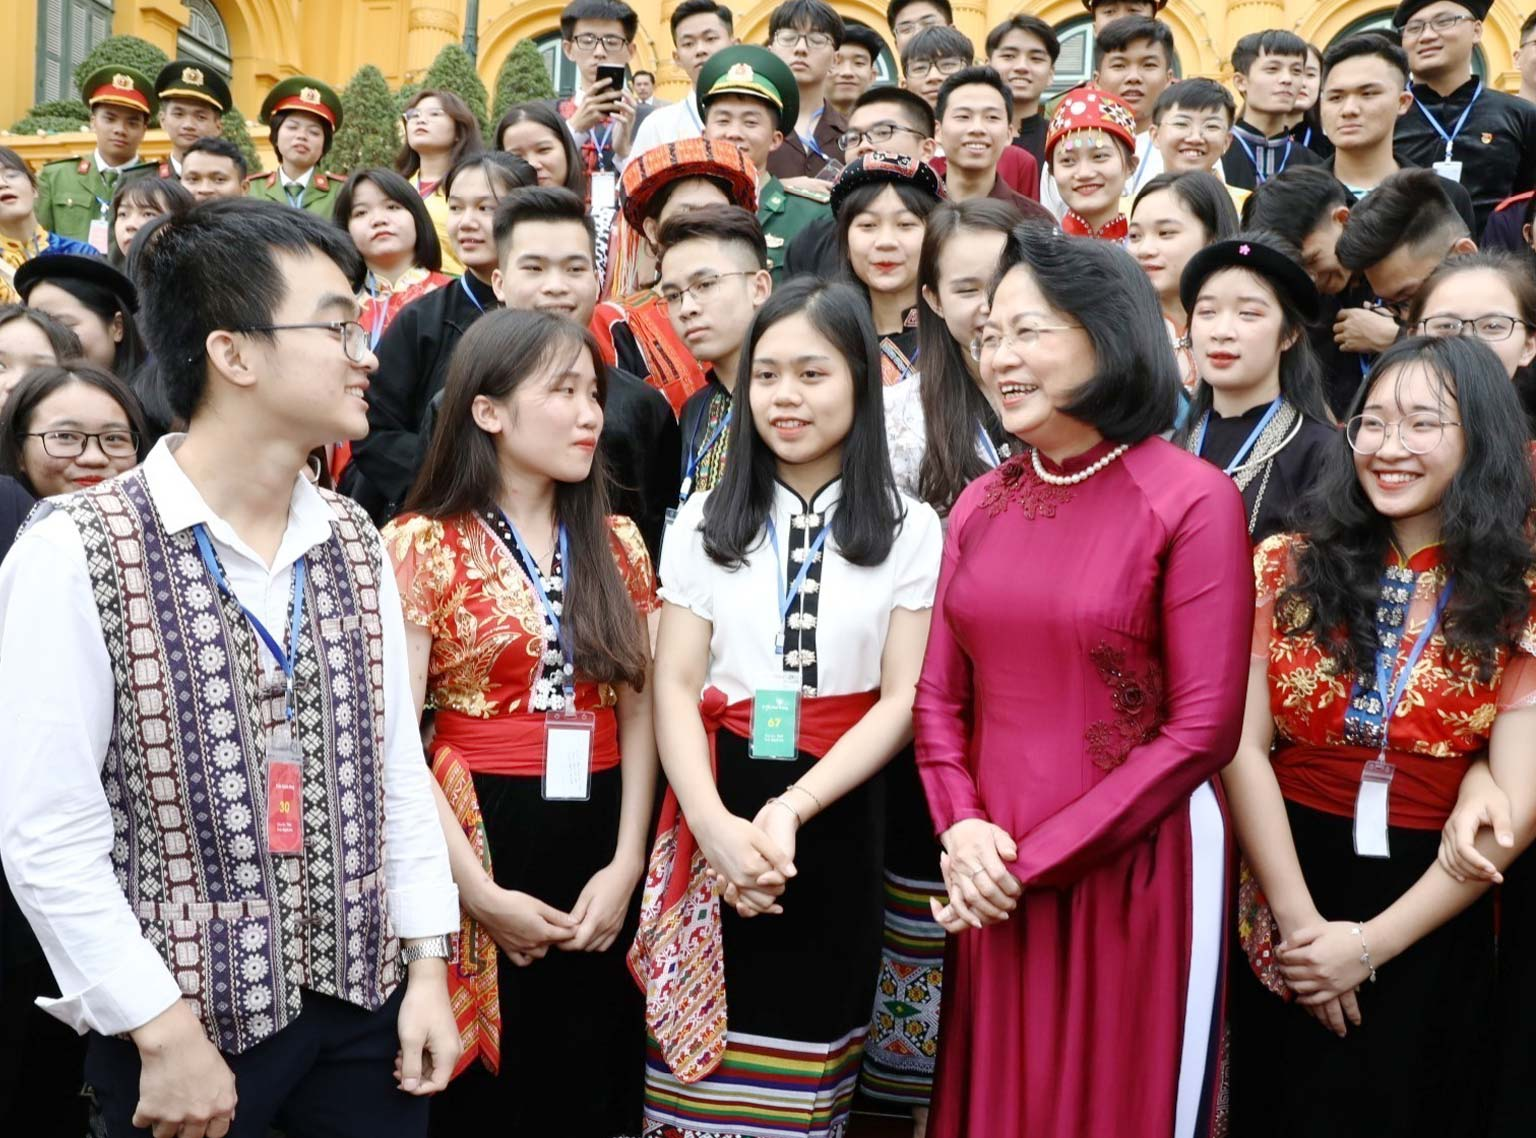 Giáo dục đạo đức cho thế hệ trẻ theo Di chúc của Chủ tịch Hồ Chí Minh